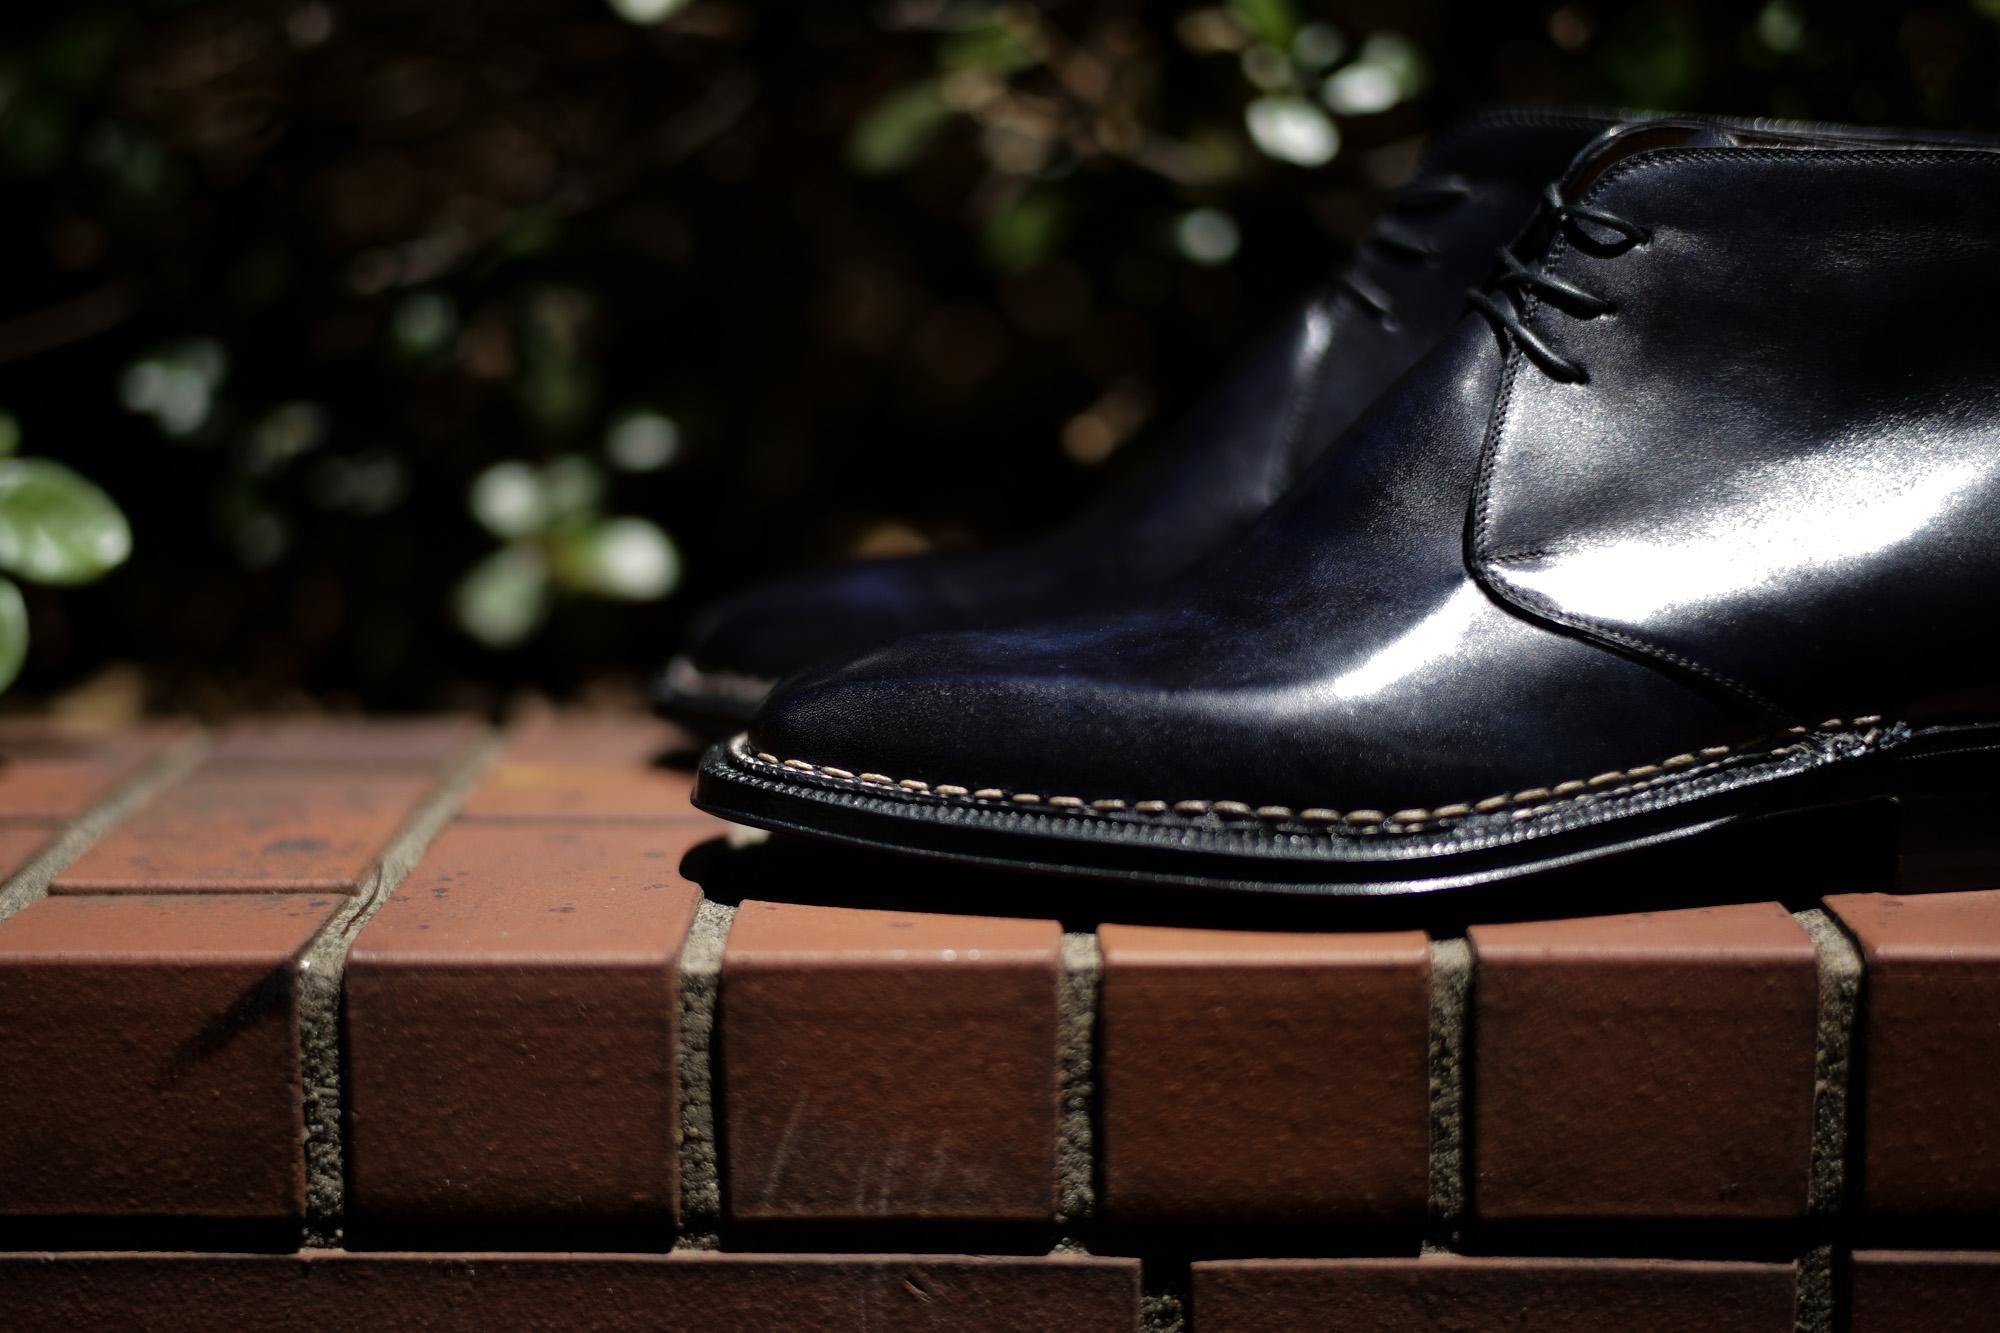 ENZO BONAFE (エンツォボナフェ) ART.3722 Chukka boots Bonaudo Museum Calf Leather ボナウド社 ミュージアムカーフレザー ノルベジェーゼ製法 レザーソール チャッカブーツ DEEP BLUE (ディープブルー) made in Italy(イタリア製) enzobonafe エンツォボナフェ チャッカブーツ ミュージアムカーフ チャッカブーツ 愛知 名古屋 Alto e Diritto アルト エ デリット alto e diritto アルトエデリット